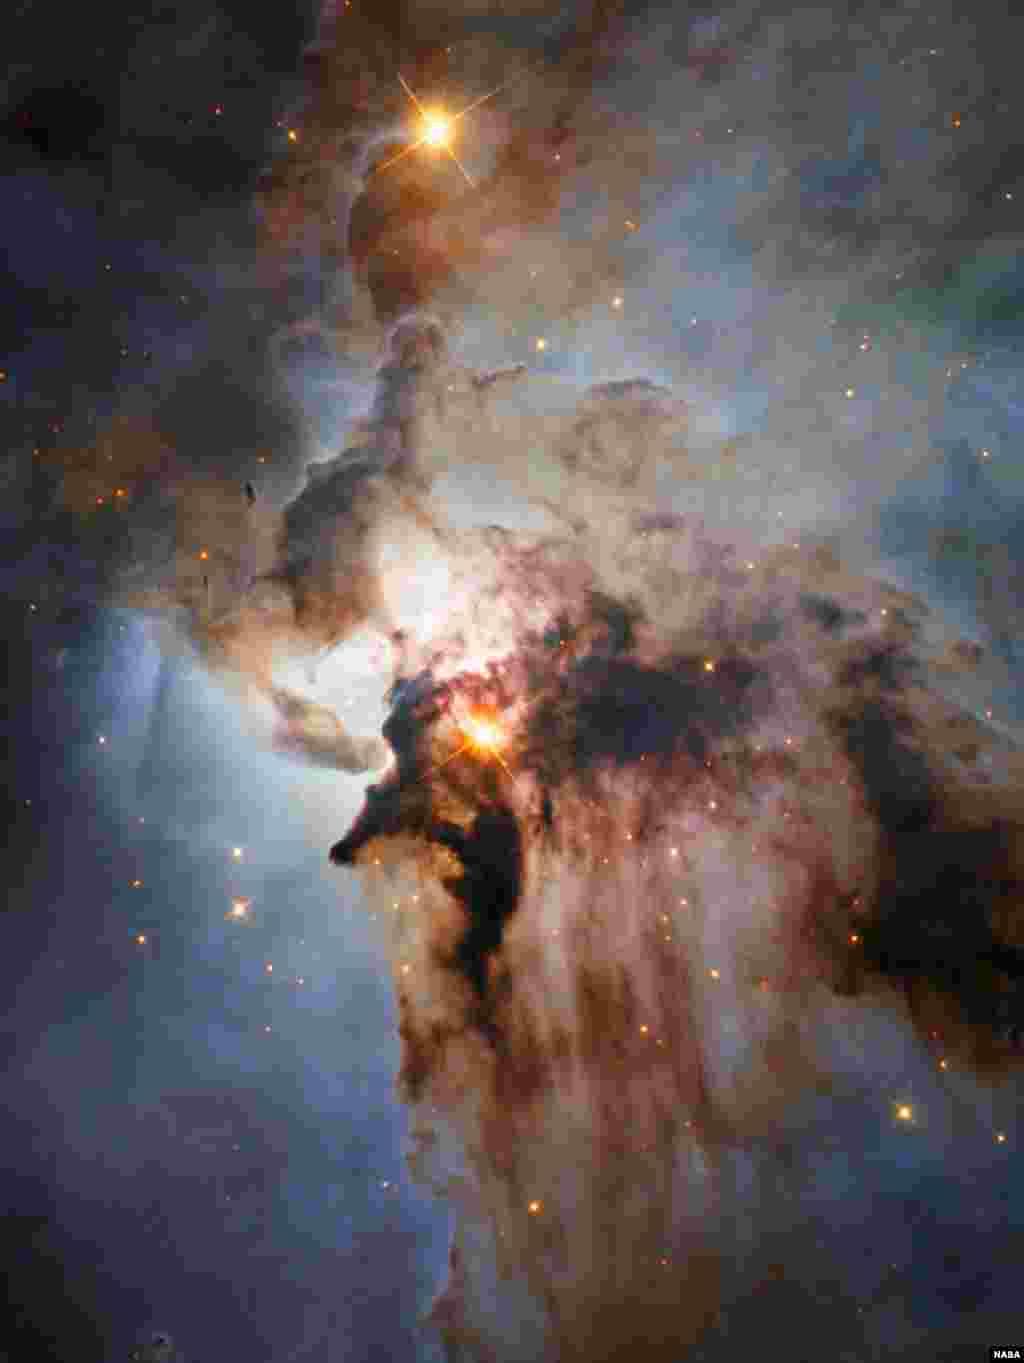 រូបភាពថ្មីមួយនេះពីតេលេទស្សន៍ Hubble Space Telescope បង្ហាញពីណេប៊ុយឡា Lagoon ដែលជាណេប៊ុយឡាមួយដែលមានឈ្មោះស្តាប់ទៅប្រកបដោយភាពស្ងាត់ជ្រងំ។ ណេប៊ុយឡានេះ ជាតំបន់មួយដែលមានពោរពេញទៅដោយខ្យល់បក់ខ្លាំងពីតារាដែលមានកម្តៅខ្លាំង ចរន្តខ្យល់បោកបក់ខ្លាំង និងបង្គុំតារាប្រកបដោយថាមពលខ្ពស់ ដែលទាំងអស់នេះស្ថិតនៅក្នុងបណ្តុំឧស្ម័នស្មុគស្មាញ និងបណ្តុំធូលីងងឹតស្លុងមួយ។